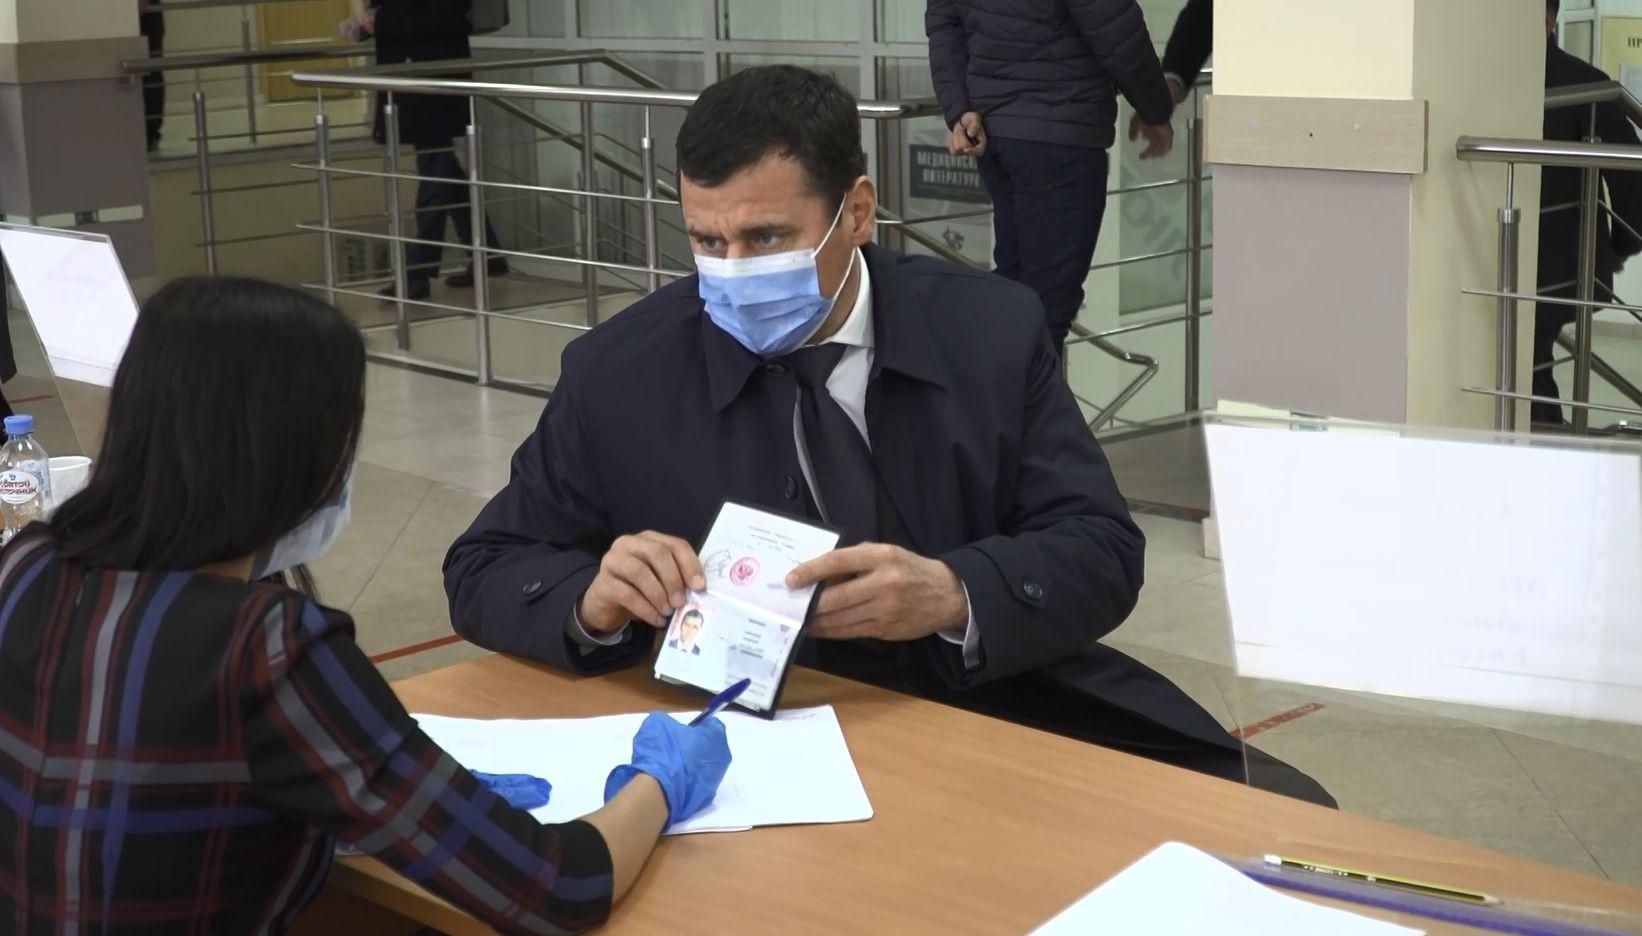 Дмитрий Миронов: «В нашем регионе состоялись открытые и легитимные выборы»